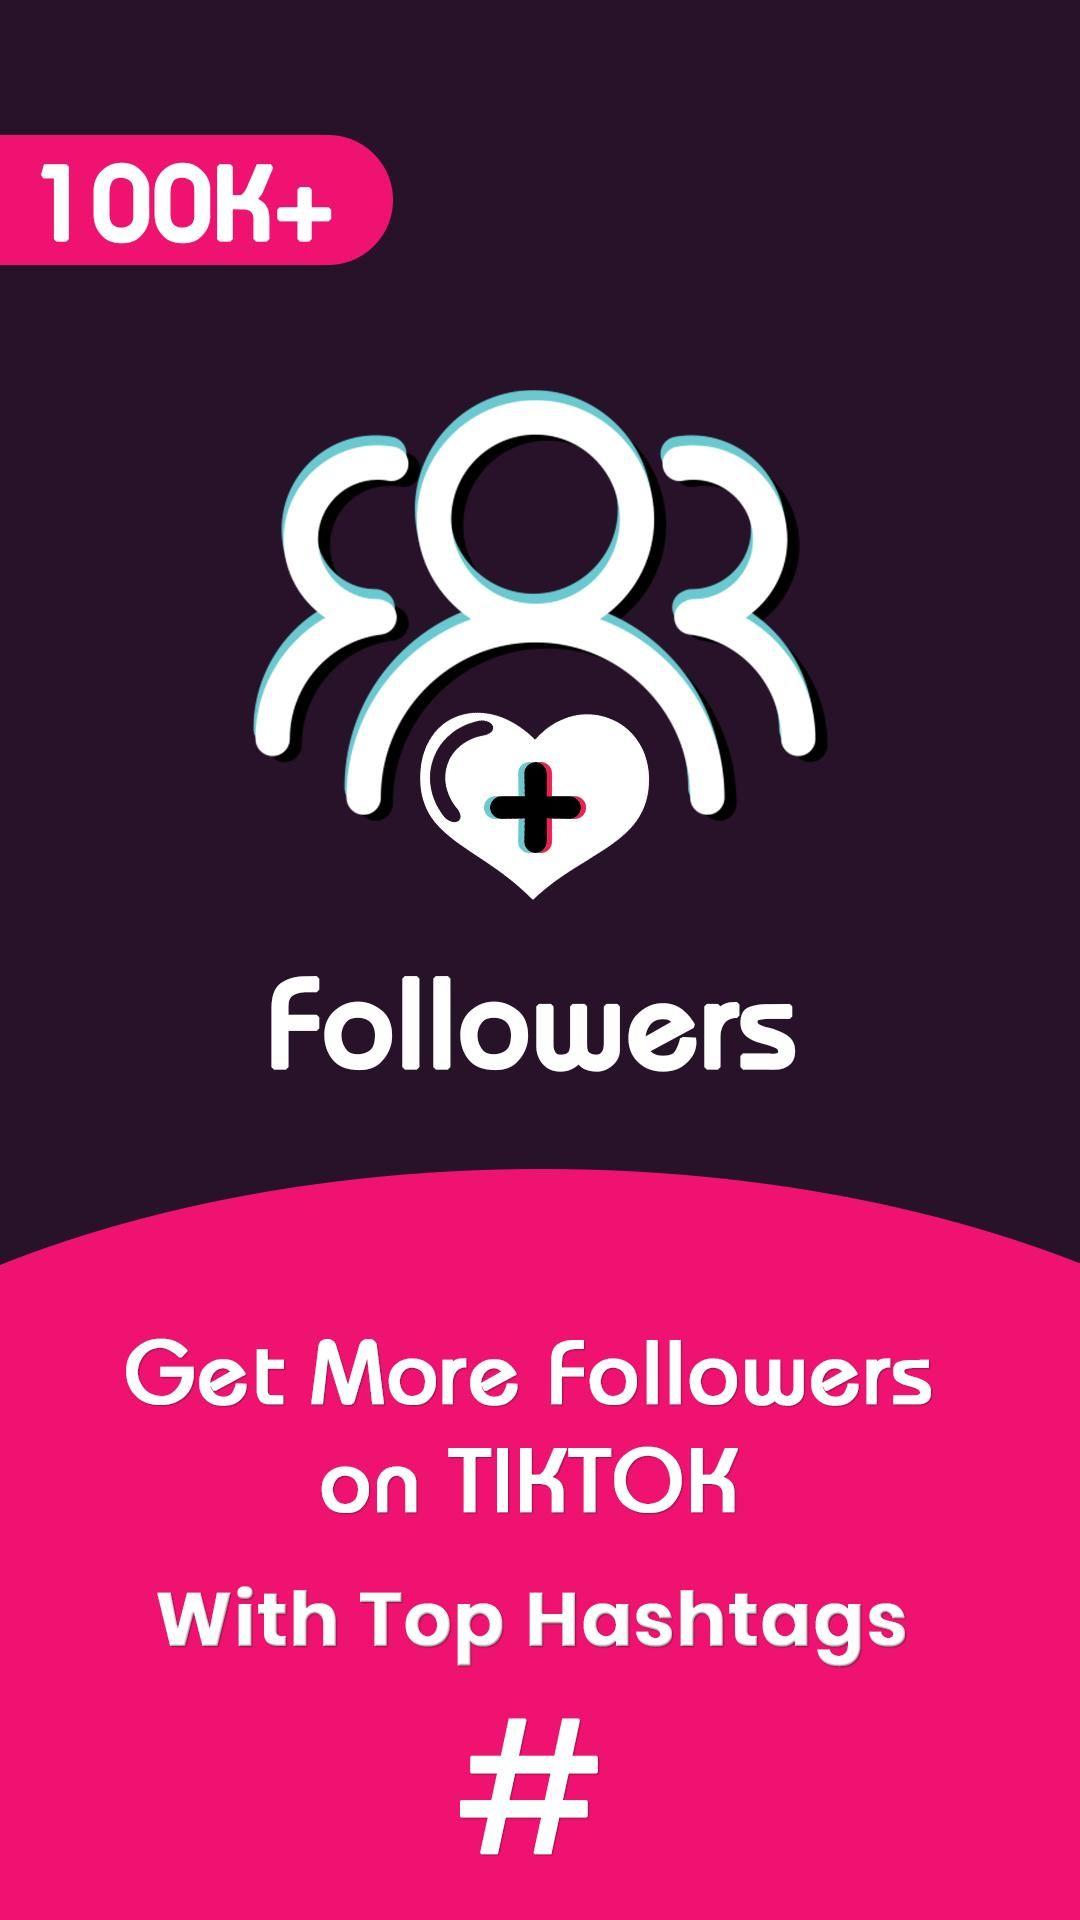 Tik Tok Fan Booster App Get Free Fans Without Human Verification Tik Tok Followers Fans Get Free Followers And Li Free Followers Likes App How To Get Followers